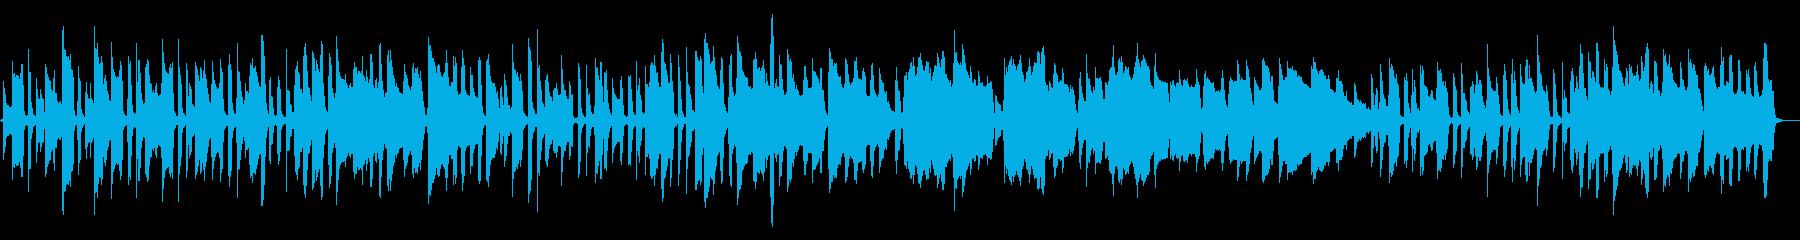 シンプルな編成のファンタジーな楽曲ですの再生済みの波形